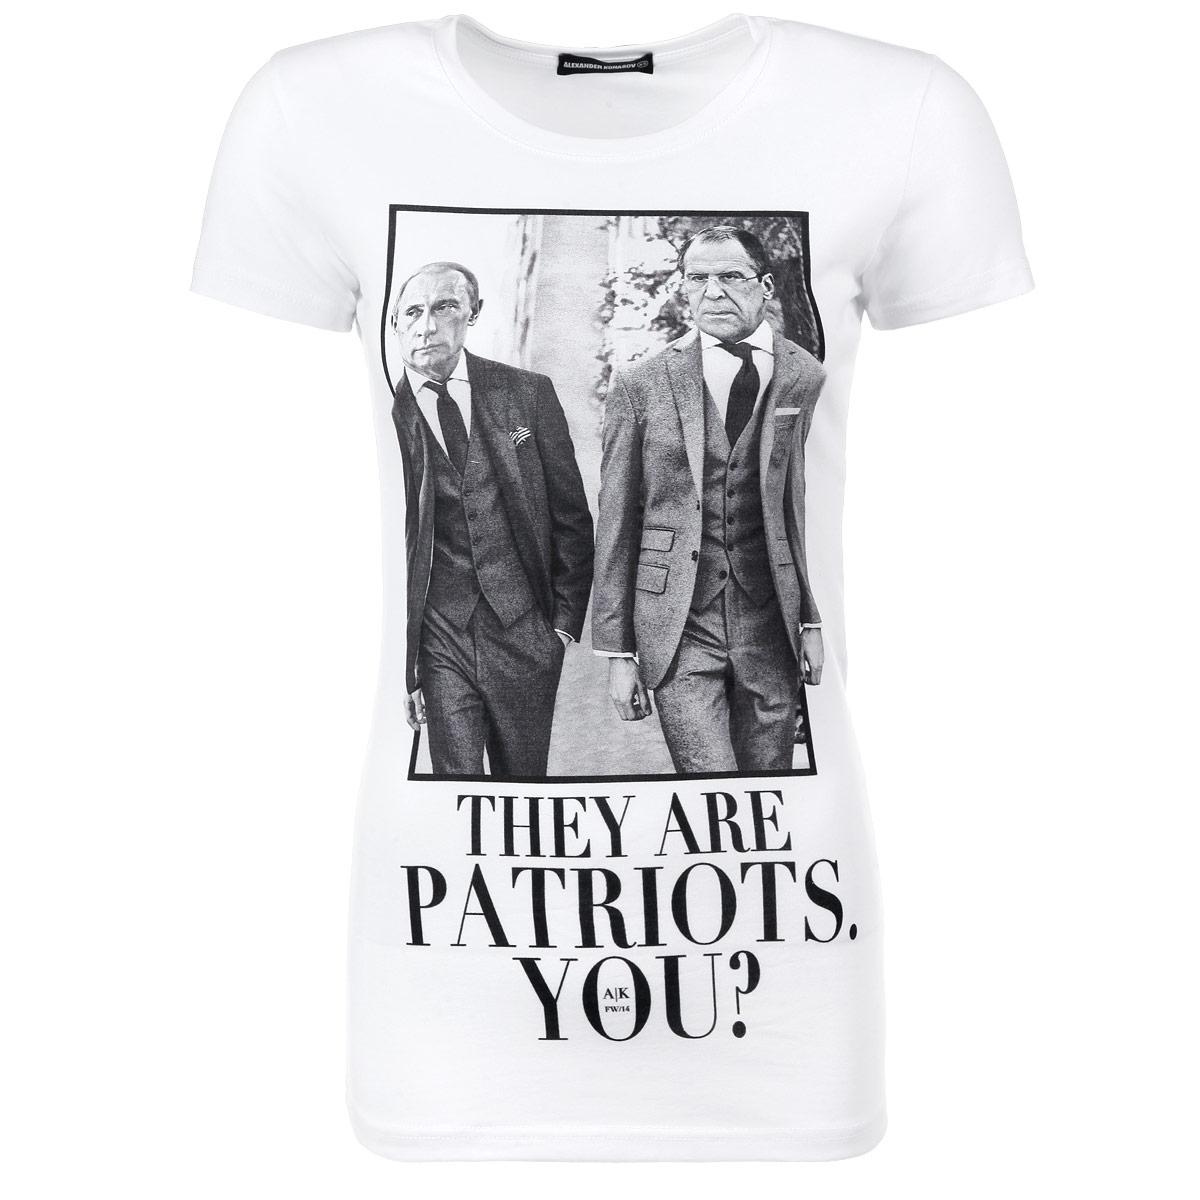 ФутболкаThey Are Patriots. Путин и ЛавровСтильная женская футболка Alexander Konasov, выполненная из высококачественного мягкого хлопка с небольшим добавлением лайкры, обладает высокой теплопроводностью, воздухопроницаемостью и гигроскопичностью, позволяет коже дышать. Модель с короткими рукавами и круглым вырезом горловины спереди оформлена принтом с изображением президента Путина и министра иностранных дел Лаврова и надписью They are patriots. You?. Эта футболка - идеальный вариант для создания эффектного образа. Все изделия бренда Alexander Konasov кроятся только по лекалам из высококачественной ткани, идеально сидят на фигуре, после стирки не деформируются.